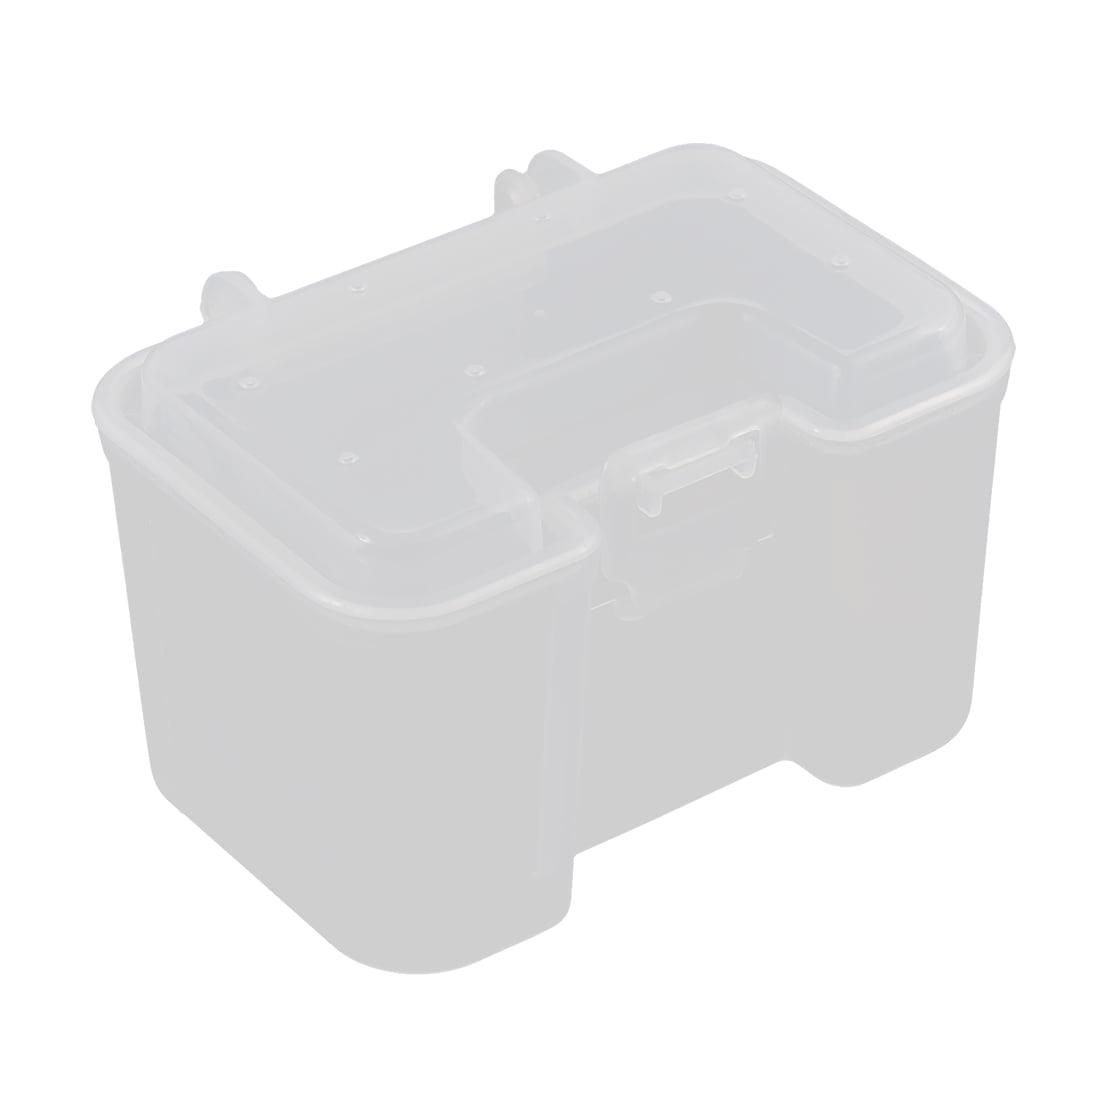 Unique Bargains Clear Plastic Fishing Lure Bait Hooks Tackle Storage Box Case Container by Unique-Bargains